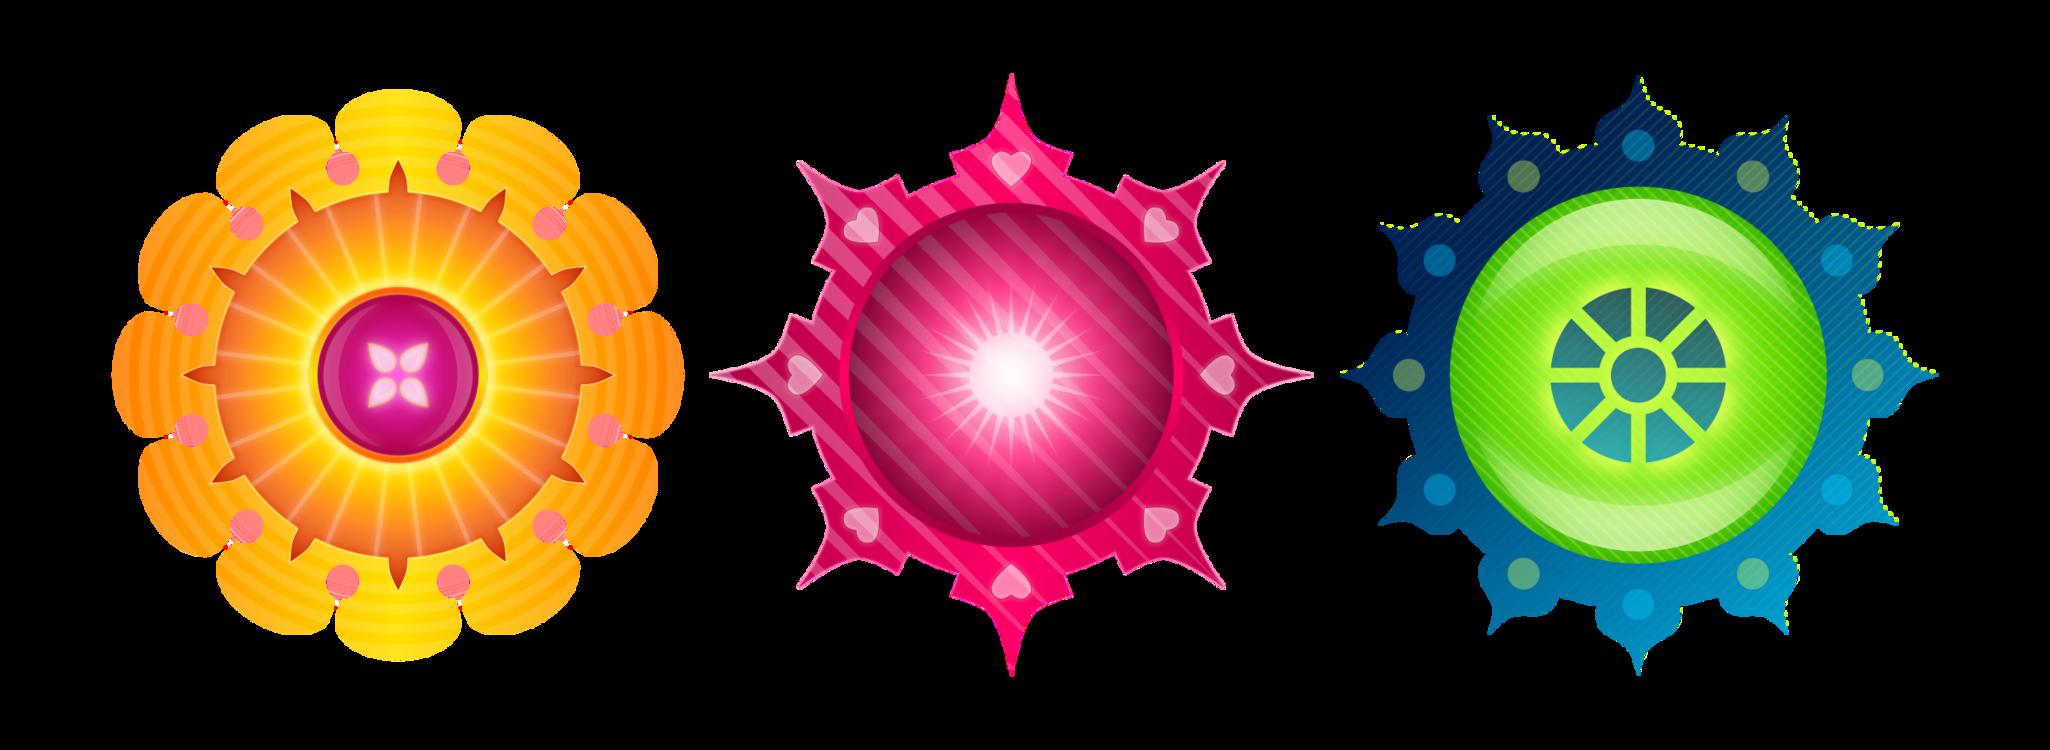 Flower,Symmetry,Circle